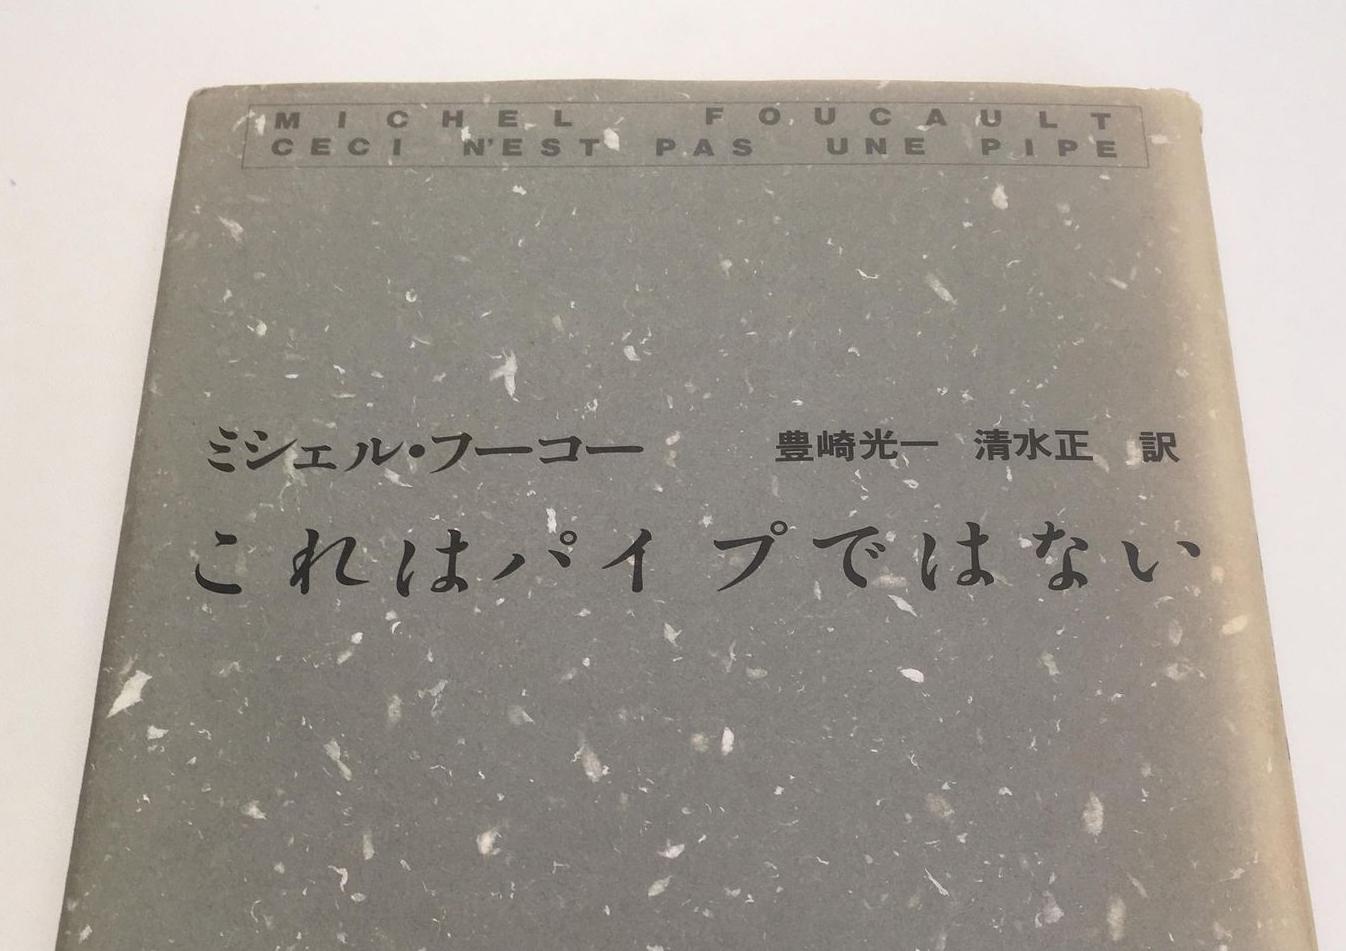 写真・図版 : 「どこにも、パイプはありはしないのだ」(ミシェル・フーコー『これはパイプではない』豊崎光一ほか訳、哲学書房、1986年)